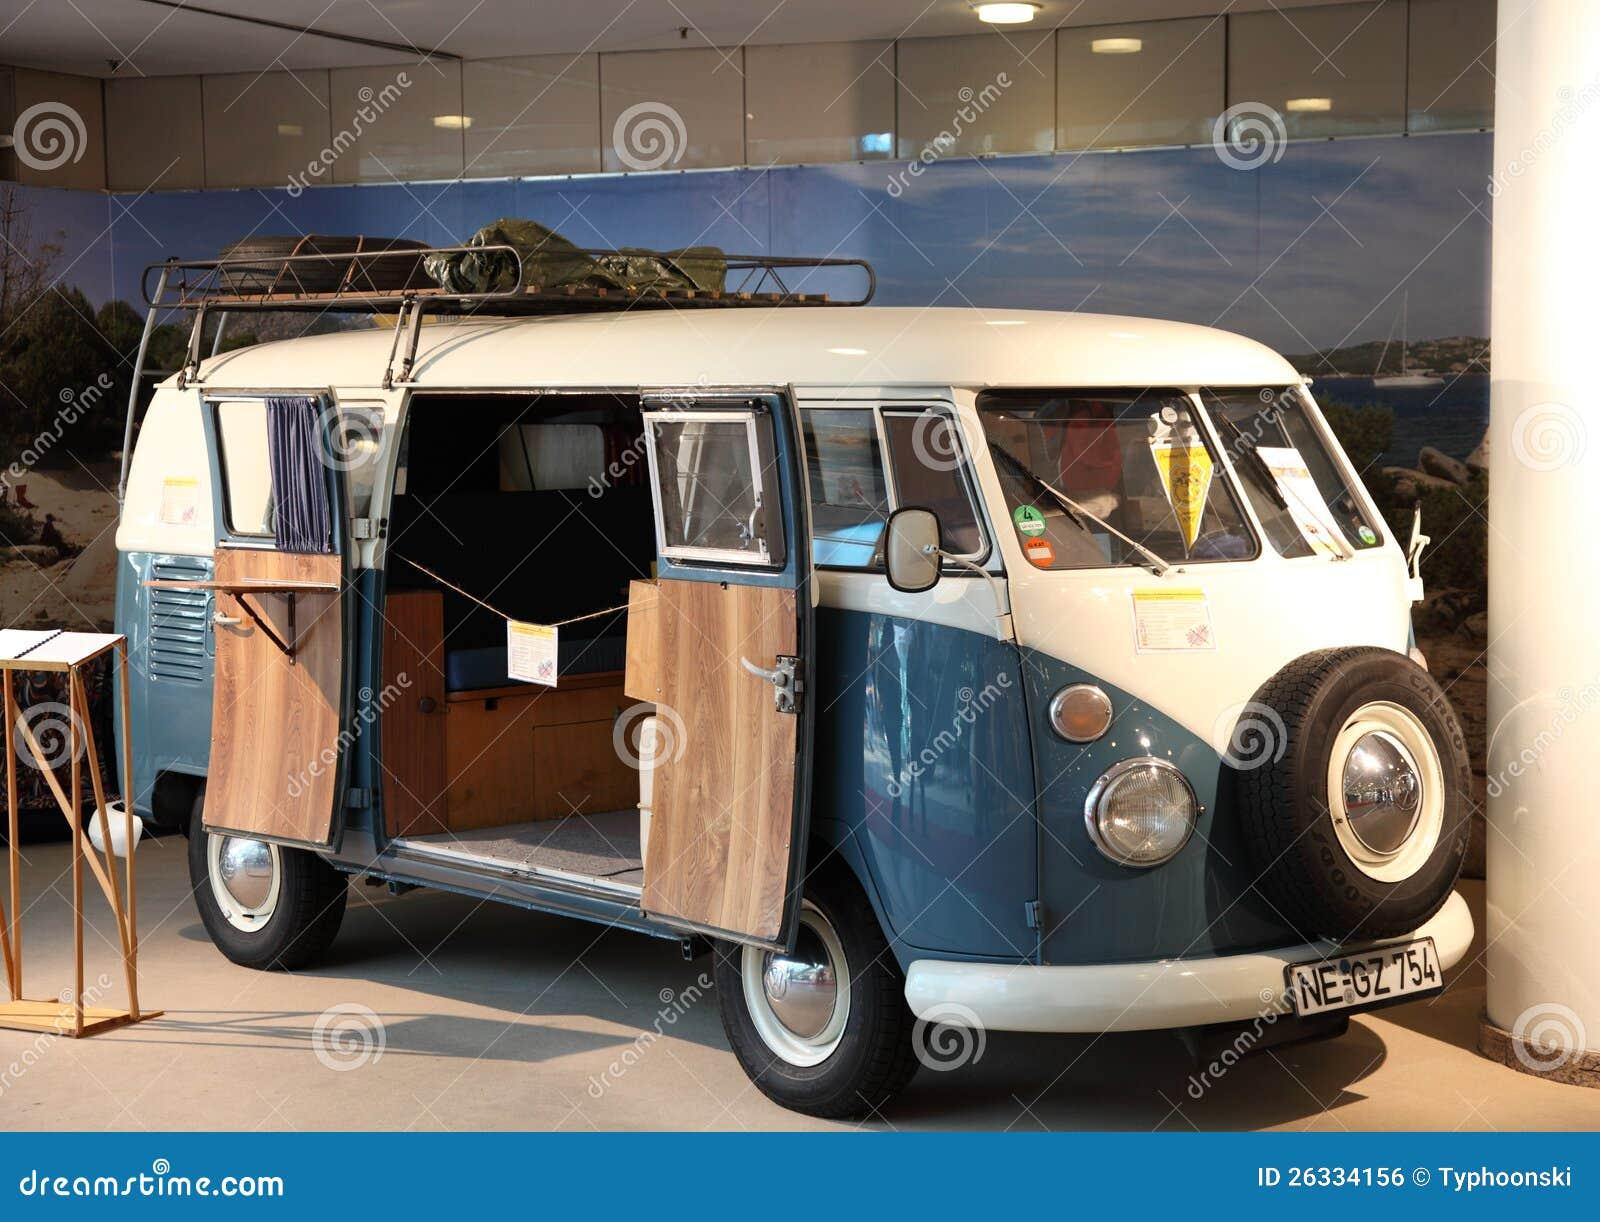 volkswagen-type-2-camper-van-26334156.jpg